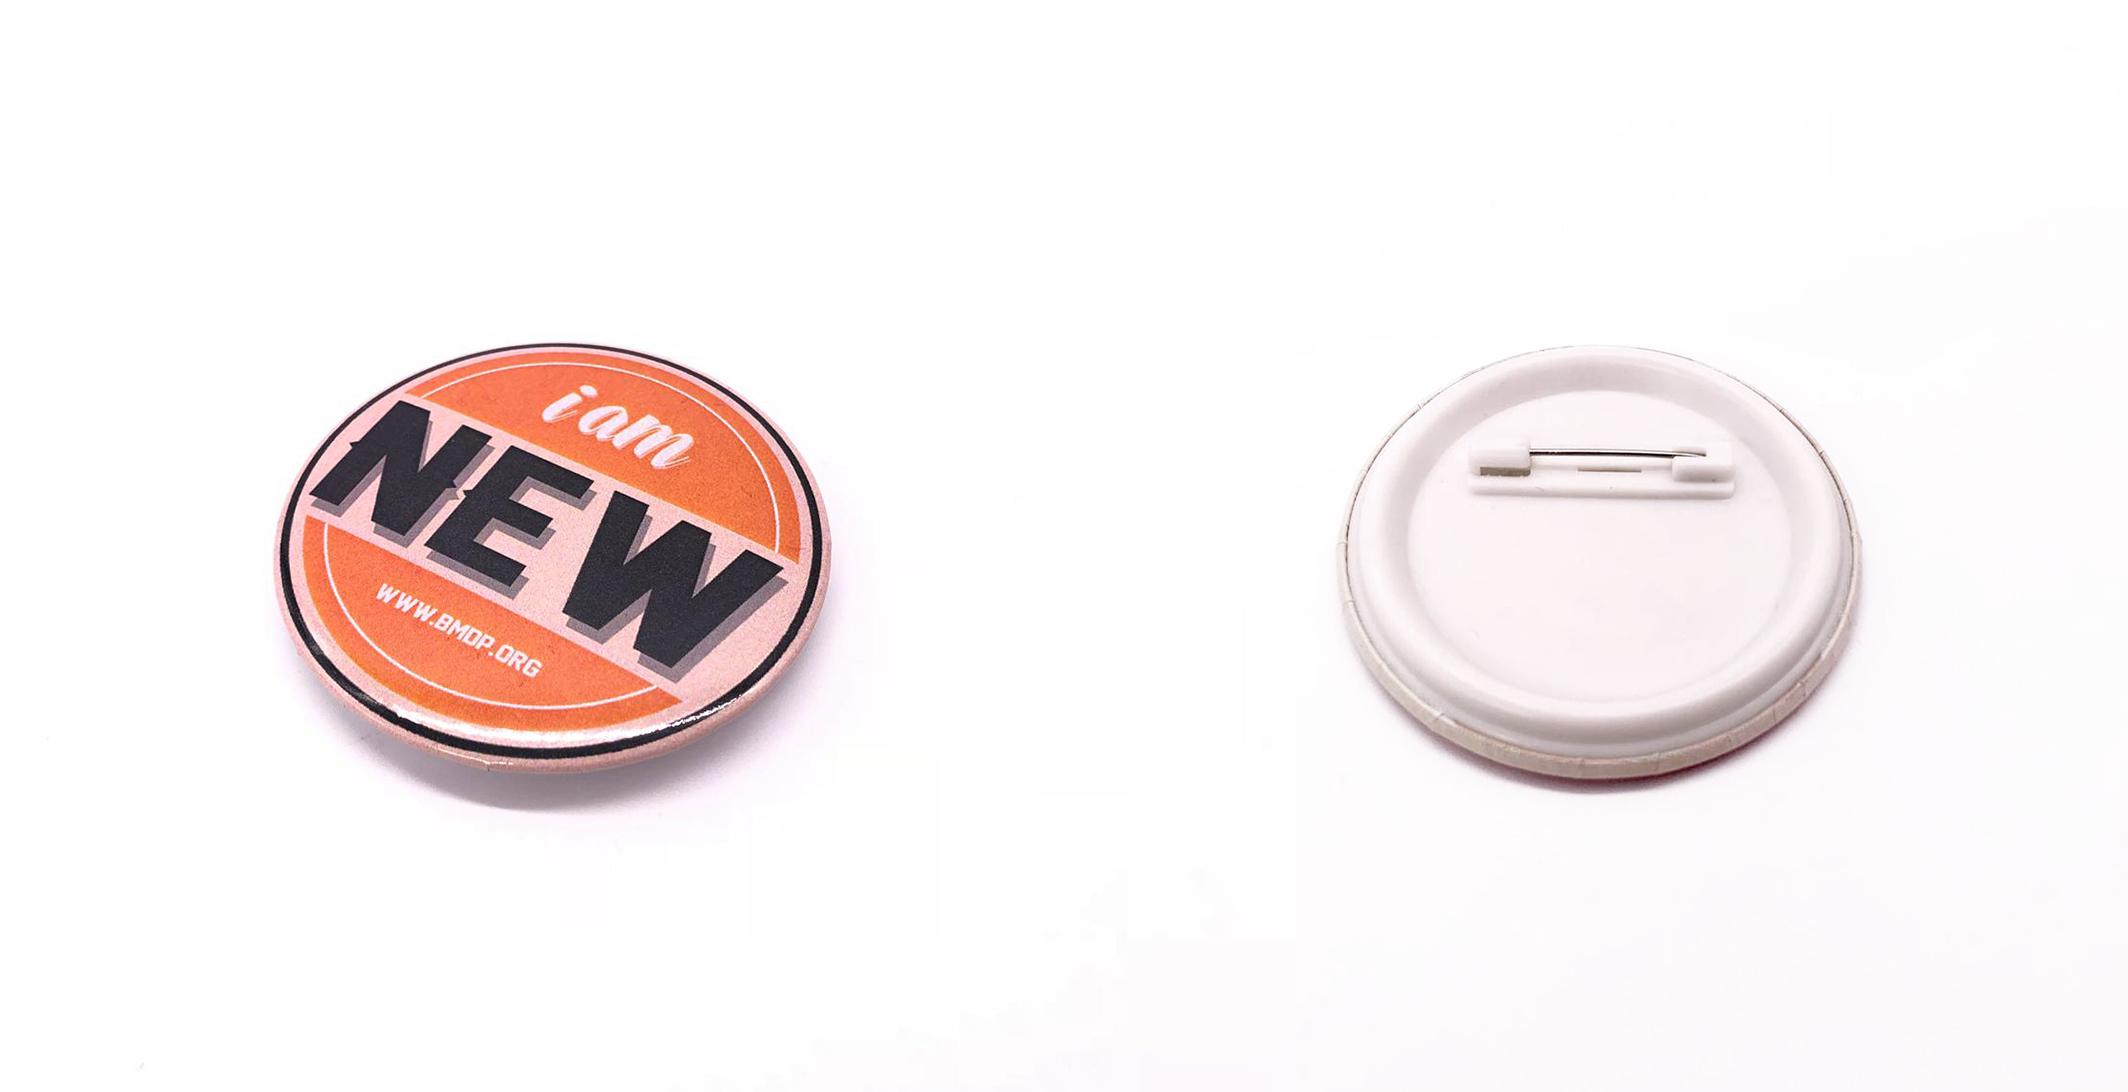 BMDP bagde pin